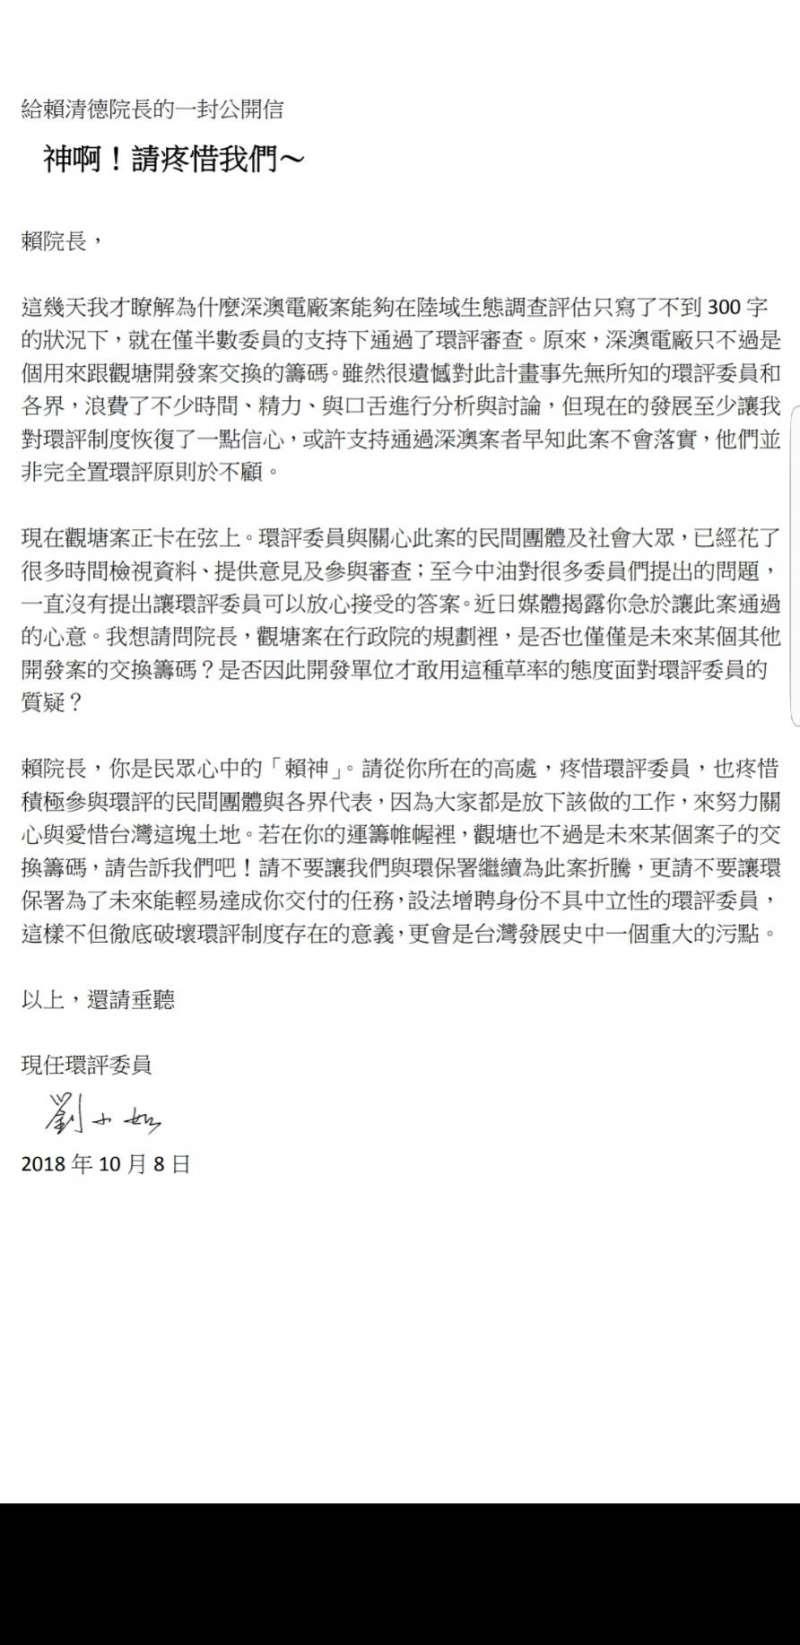 環委劉小如給賴清德的公開信.jpg